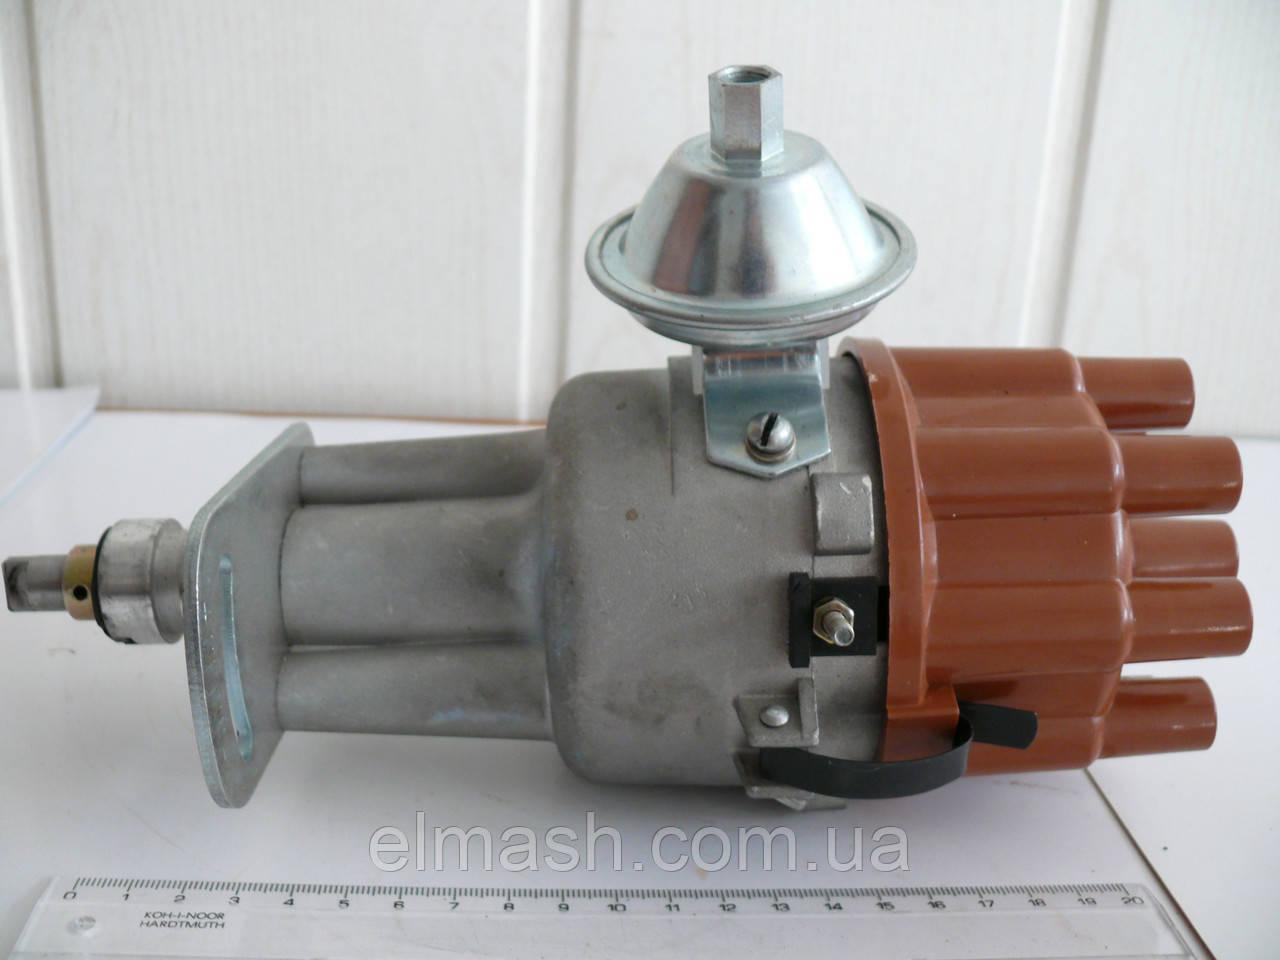 Распределитель зажигания ГАЗ 53, ГАЗ 3307 контактный (пр-во СОАТЭ)